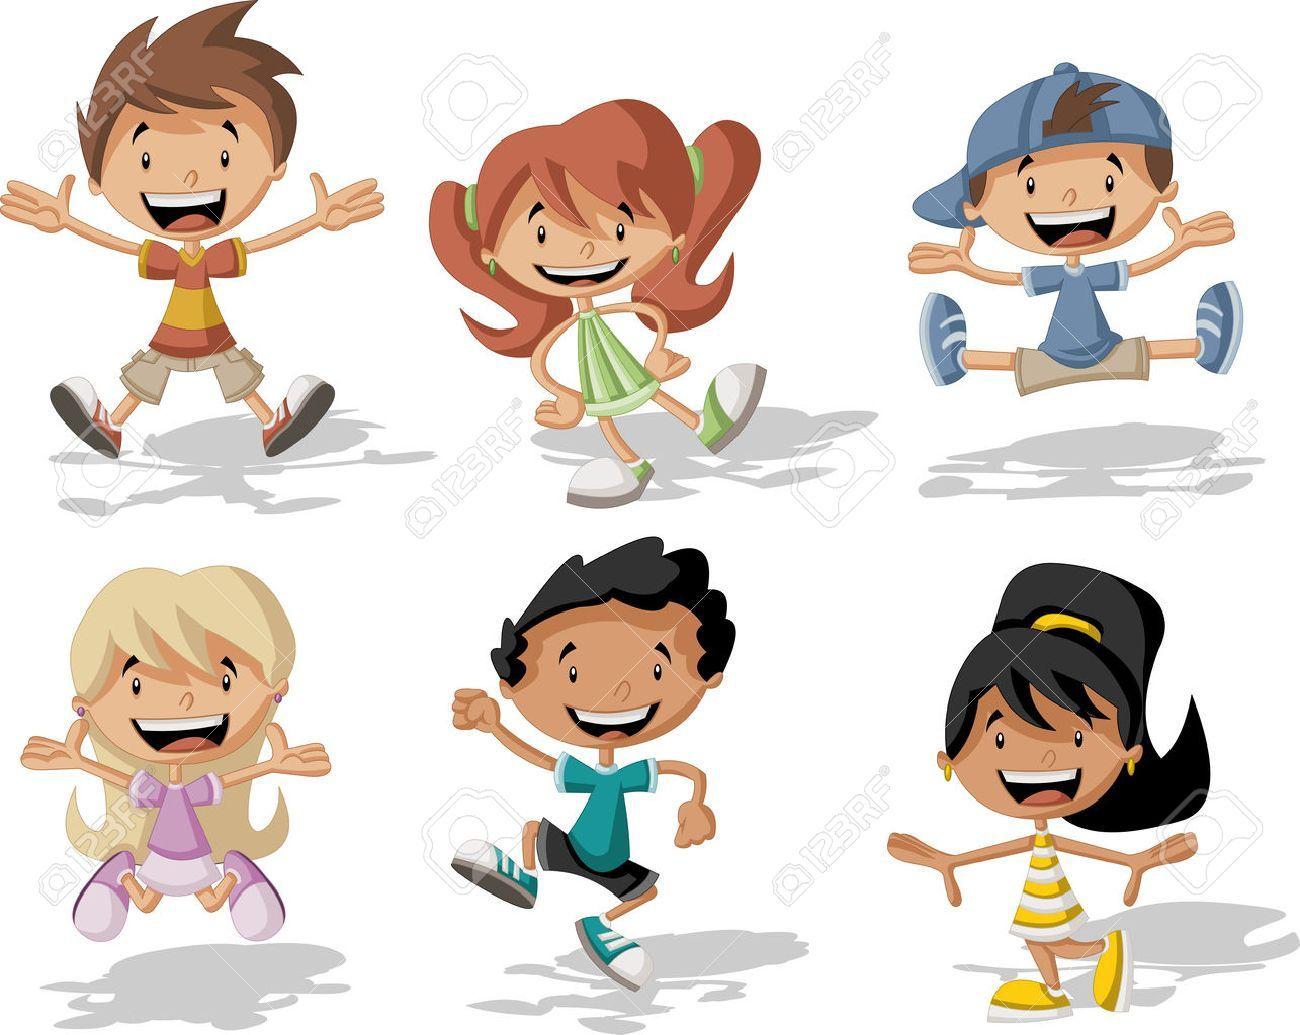 Dibujos Caras De Niños Felices Animadas: Grupo De Niños Felices De Dibujos Animados Saltando Foto